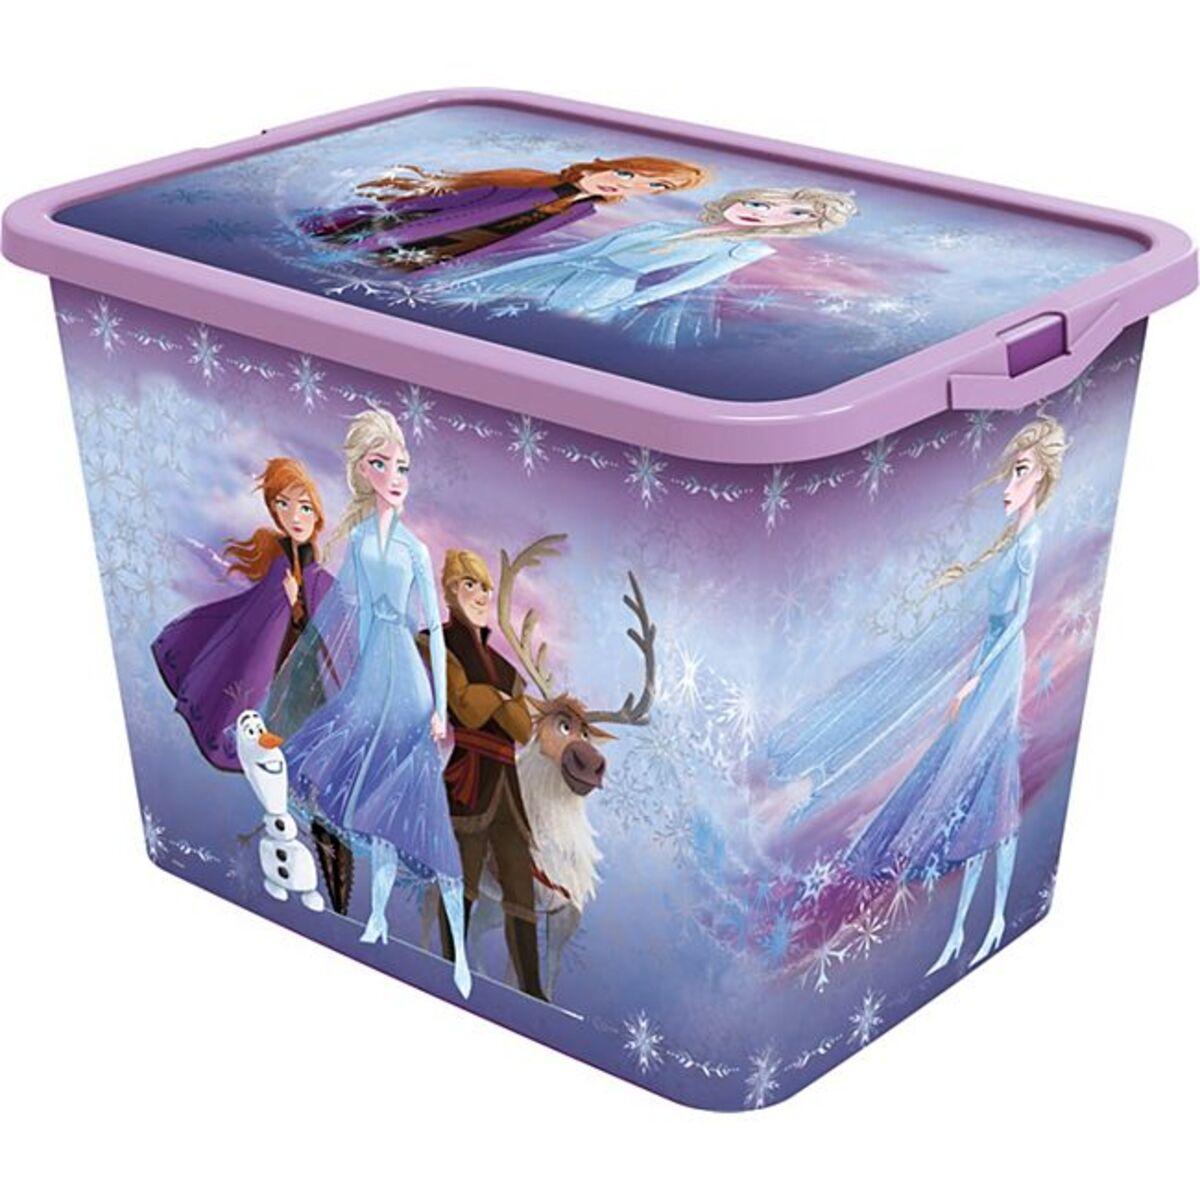 Bild 1 von Mickey/Minnie Aufbewahrungsbox 23L - Frozen 2